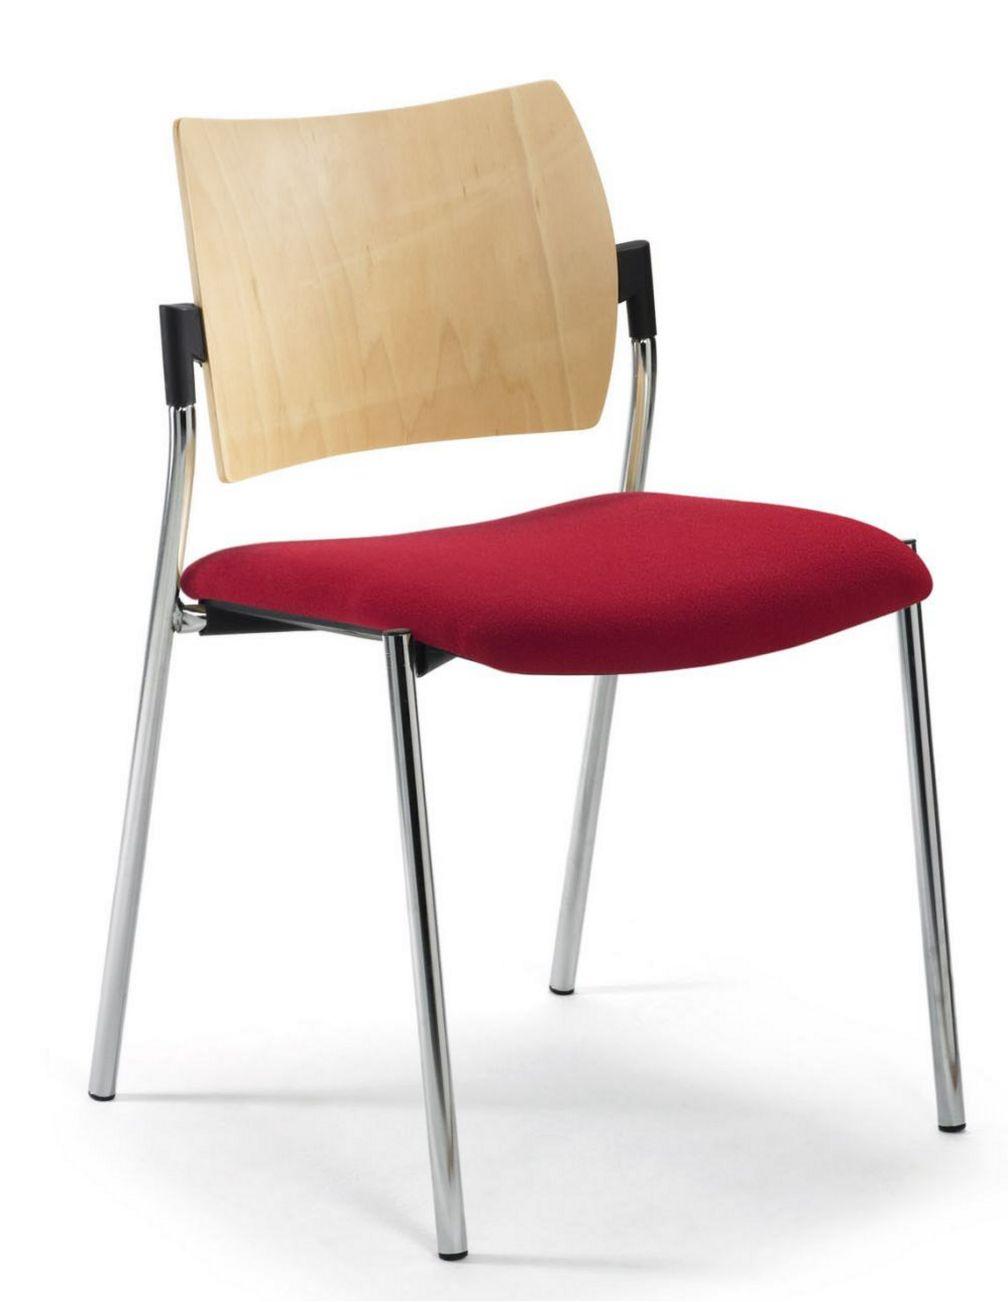 robuster Veranstaltungsstuhl stapelbar und objekttauglich